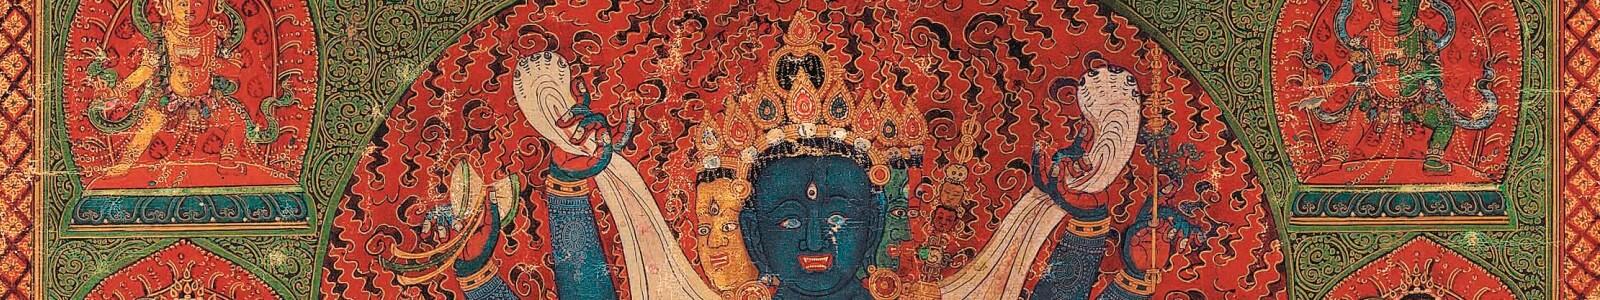 Indian, Himalayan & Southeast Asian Works of Art